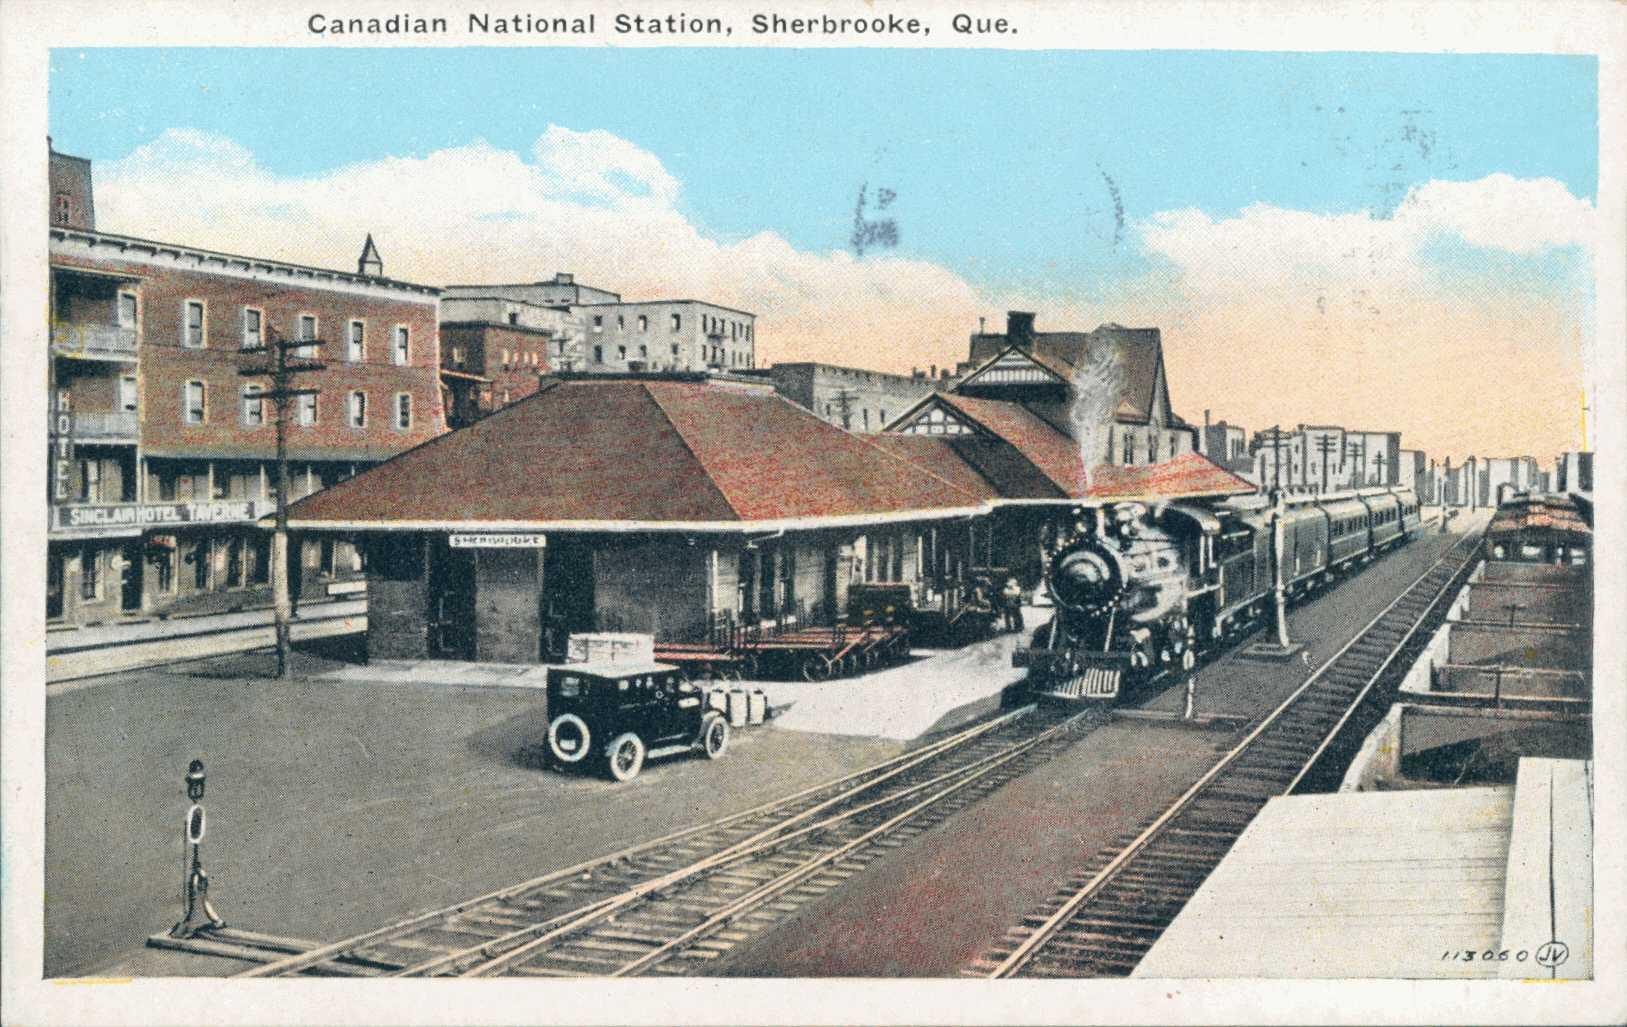 « Station du Canadien National, Sherbrooke, Que. », Fonds Fonds Laurette Cotnoir-Capponi, BAnQ (P186,S9,P361).